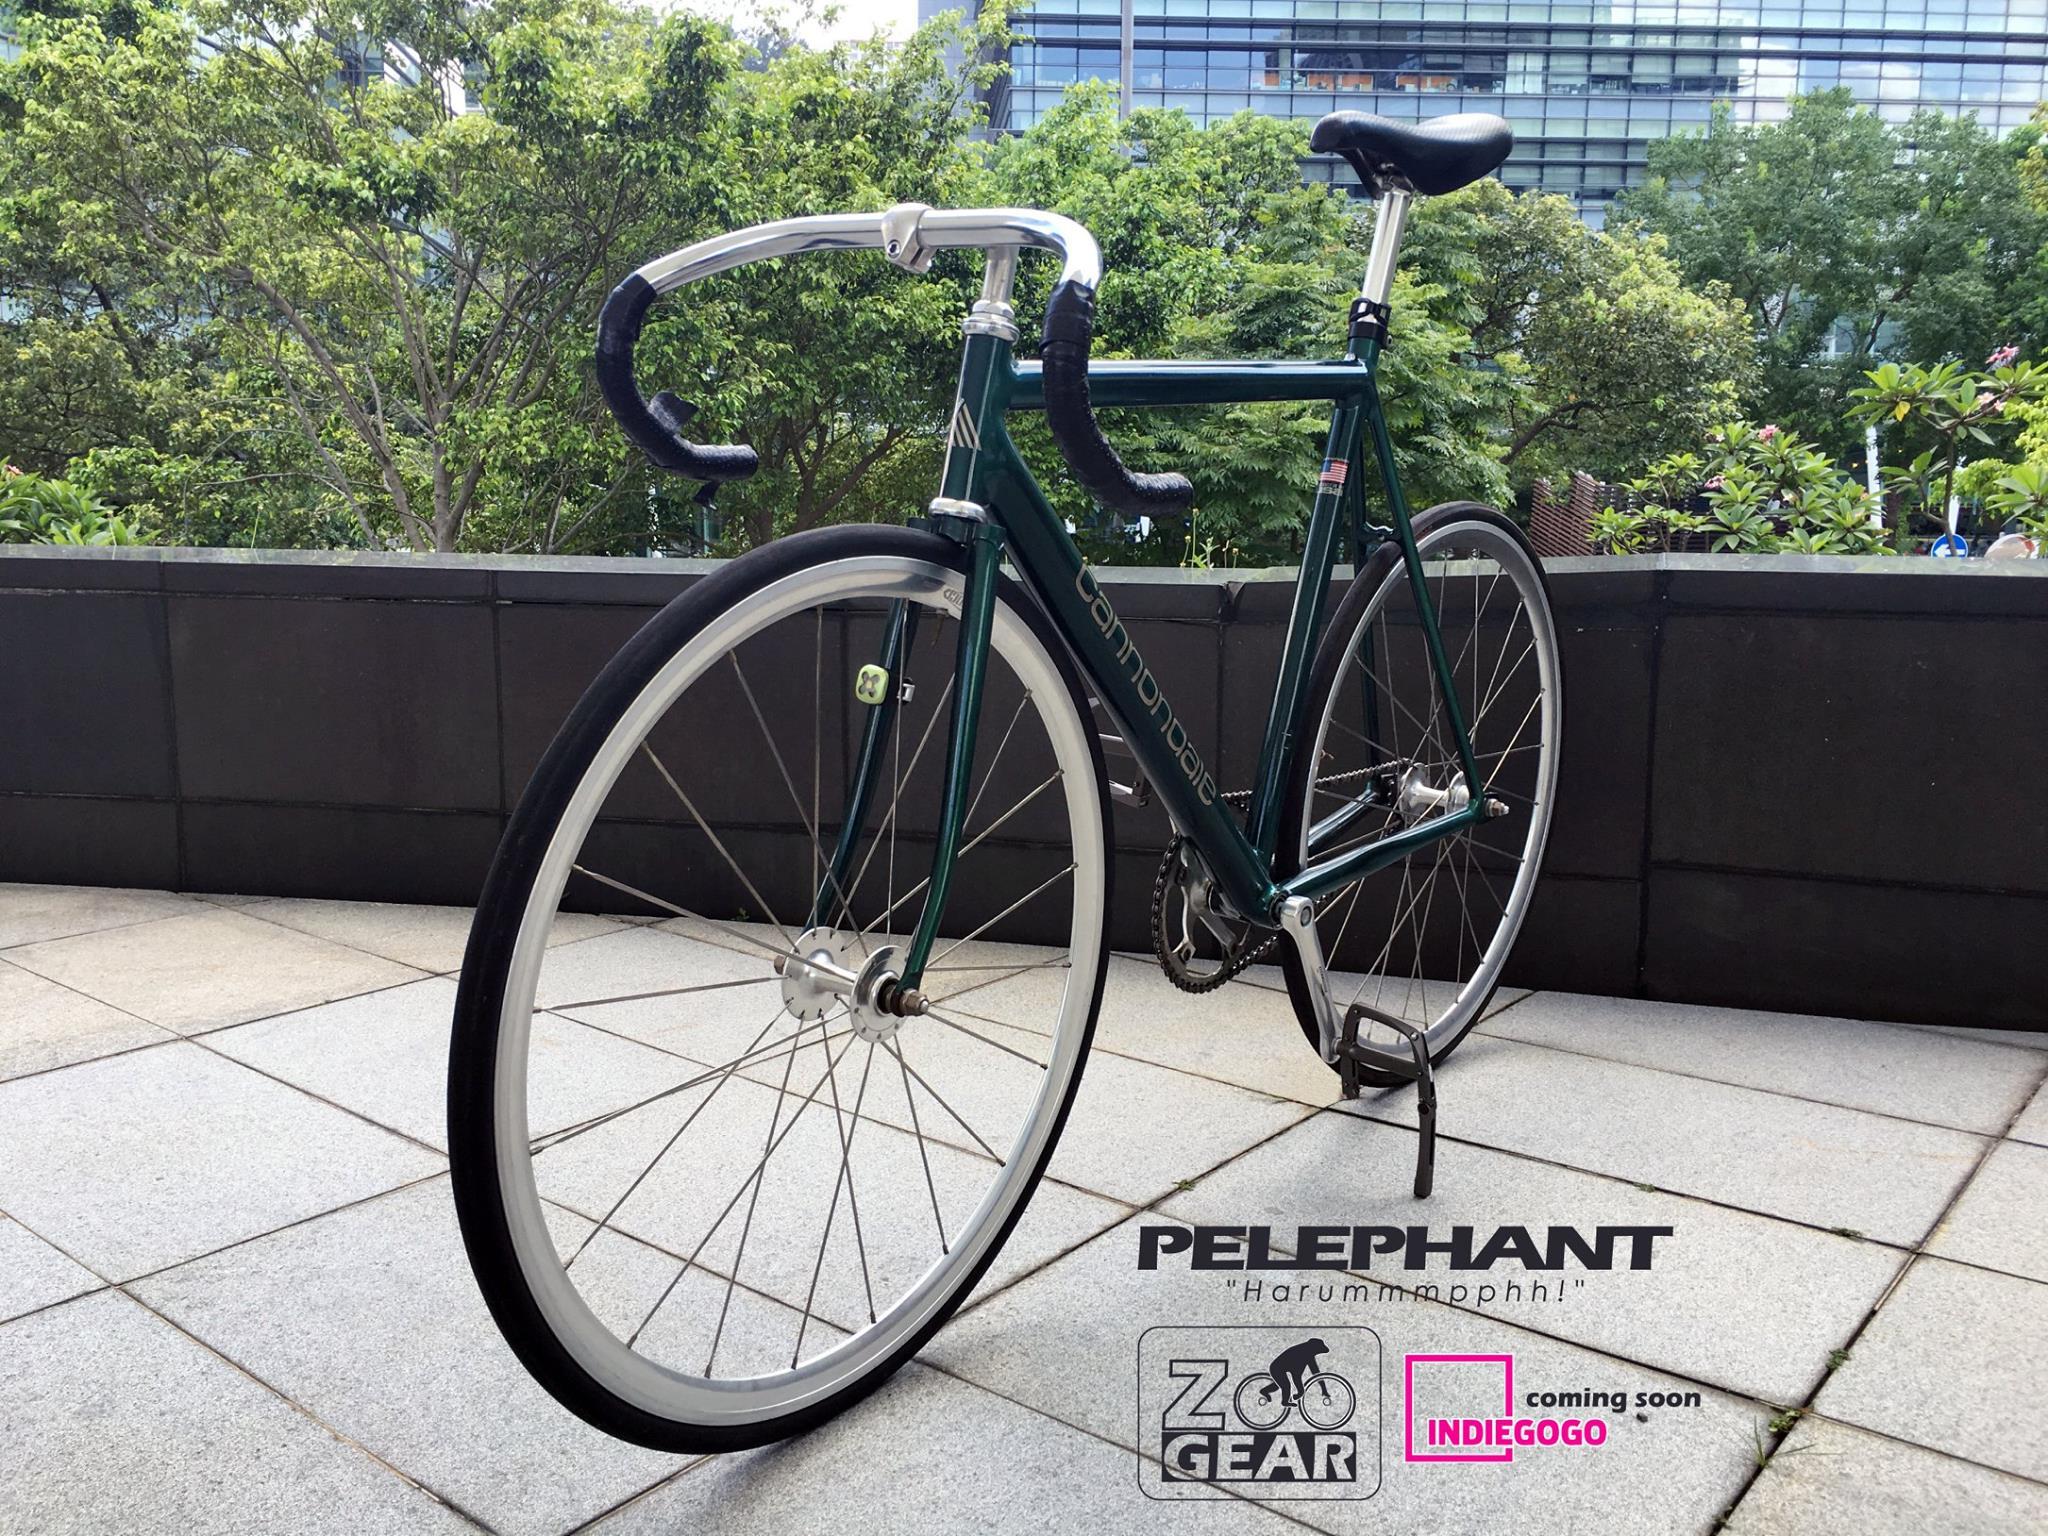 Zoo Gear, la pédale de vélo qui fait aussi béquille !